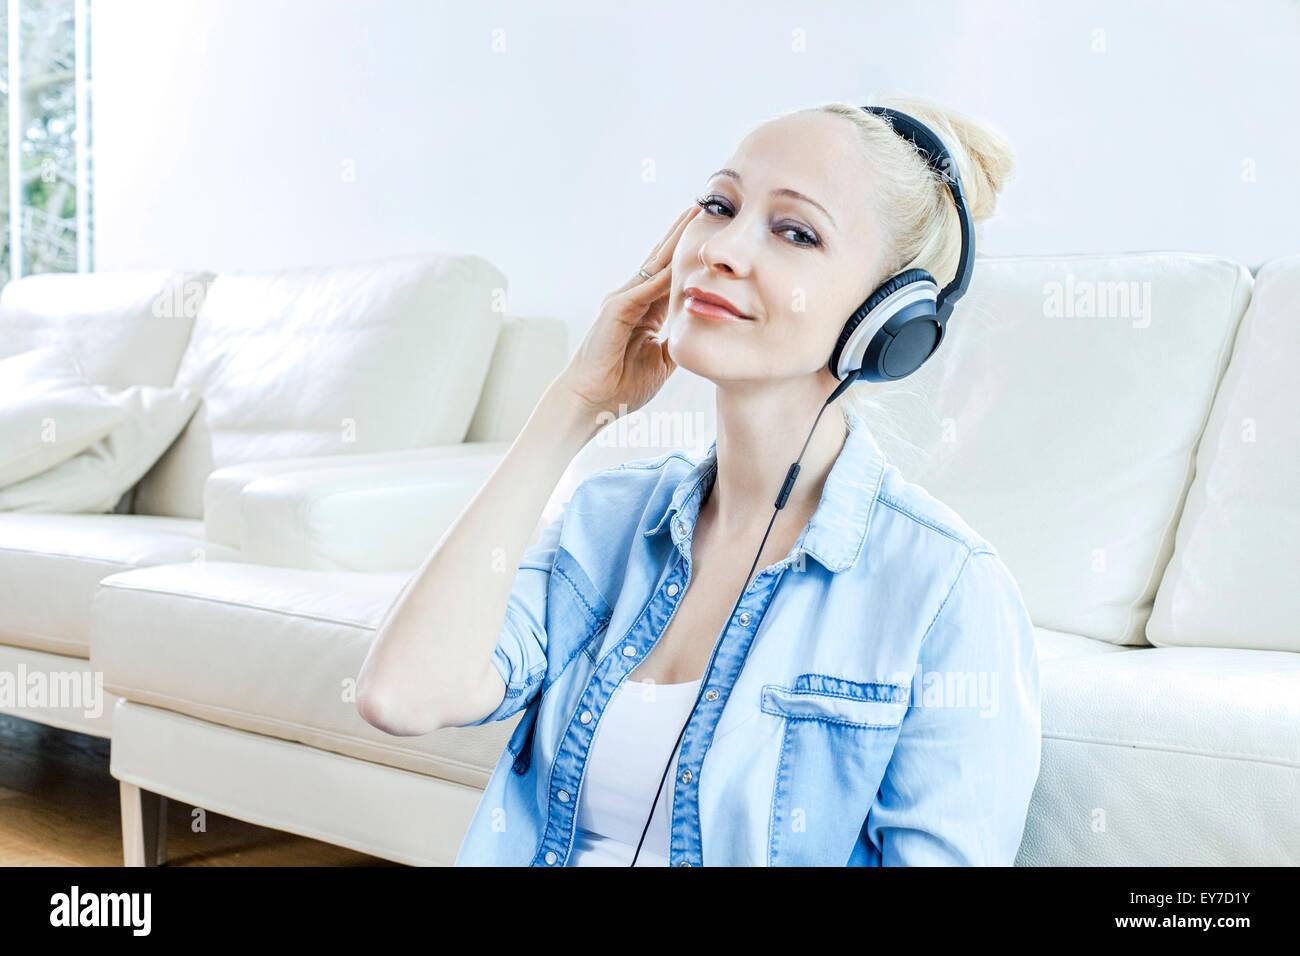 Femme blonde à écouter de la musique avec des écouteurs Photo Stock